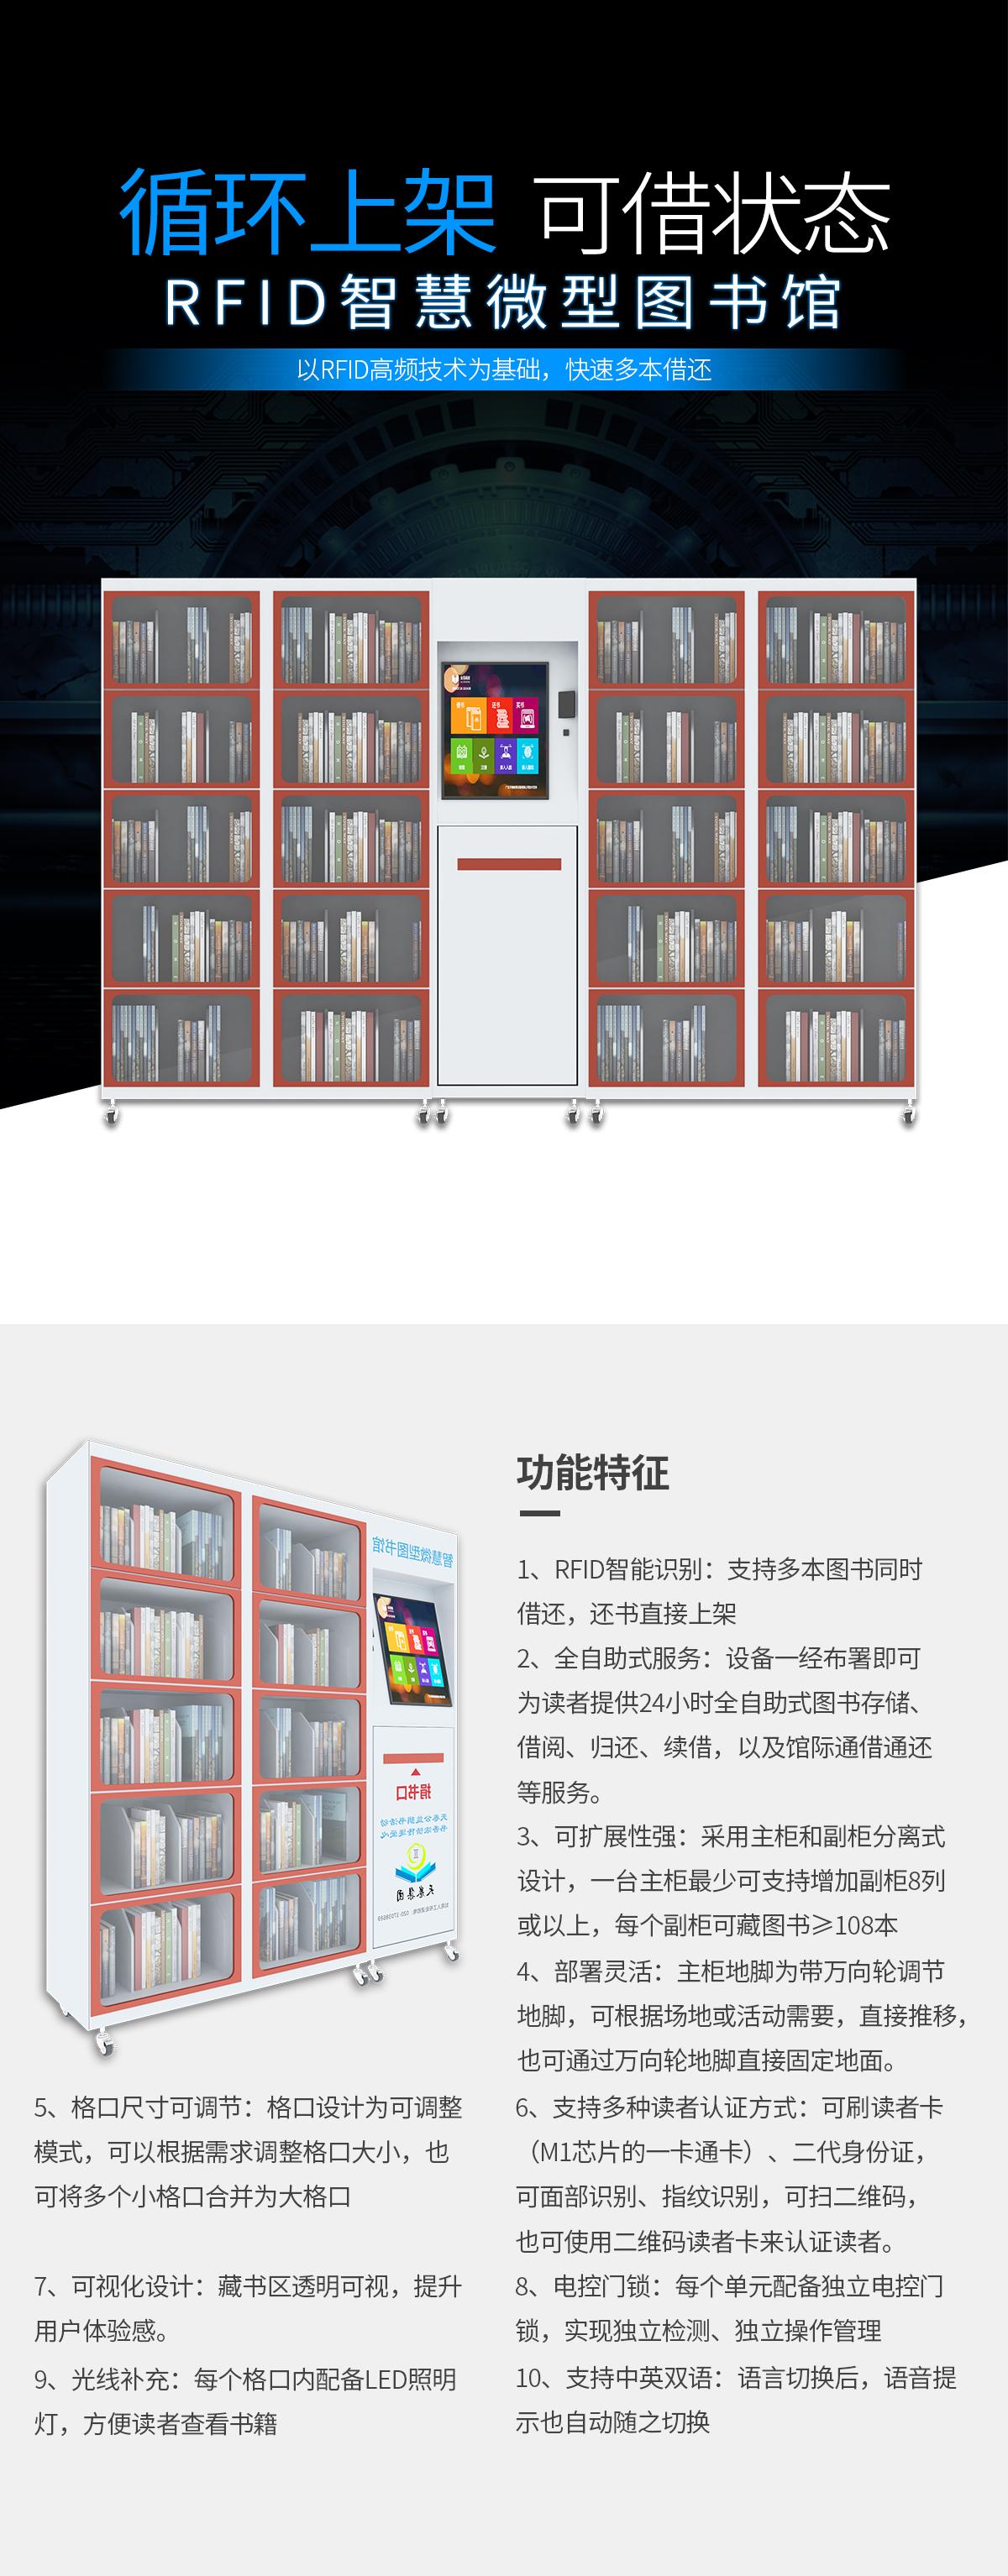 RFID智慧微型圖書館.jpg